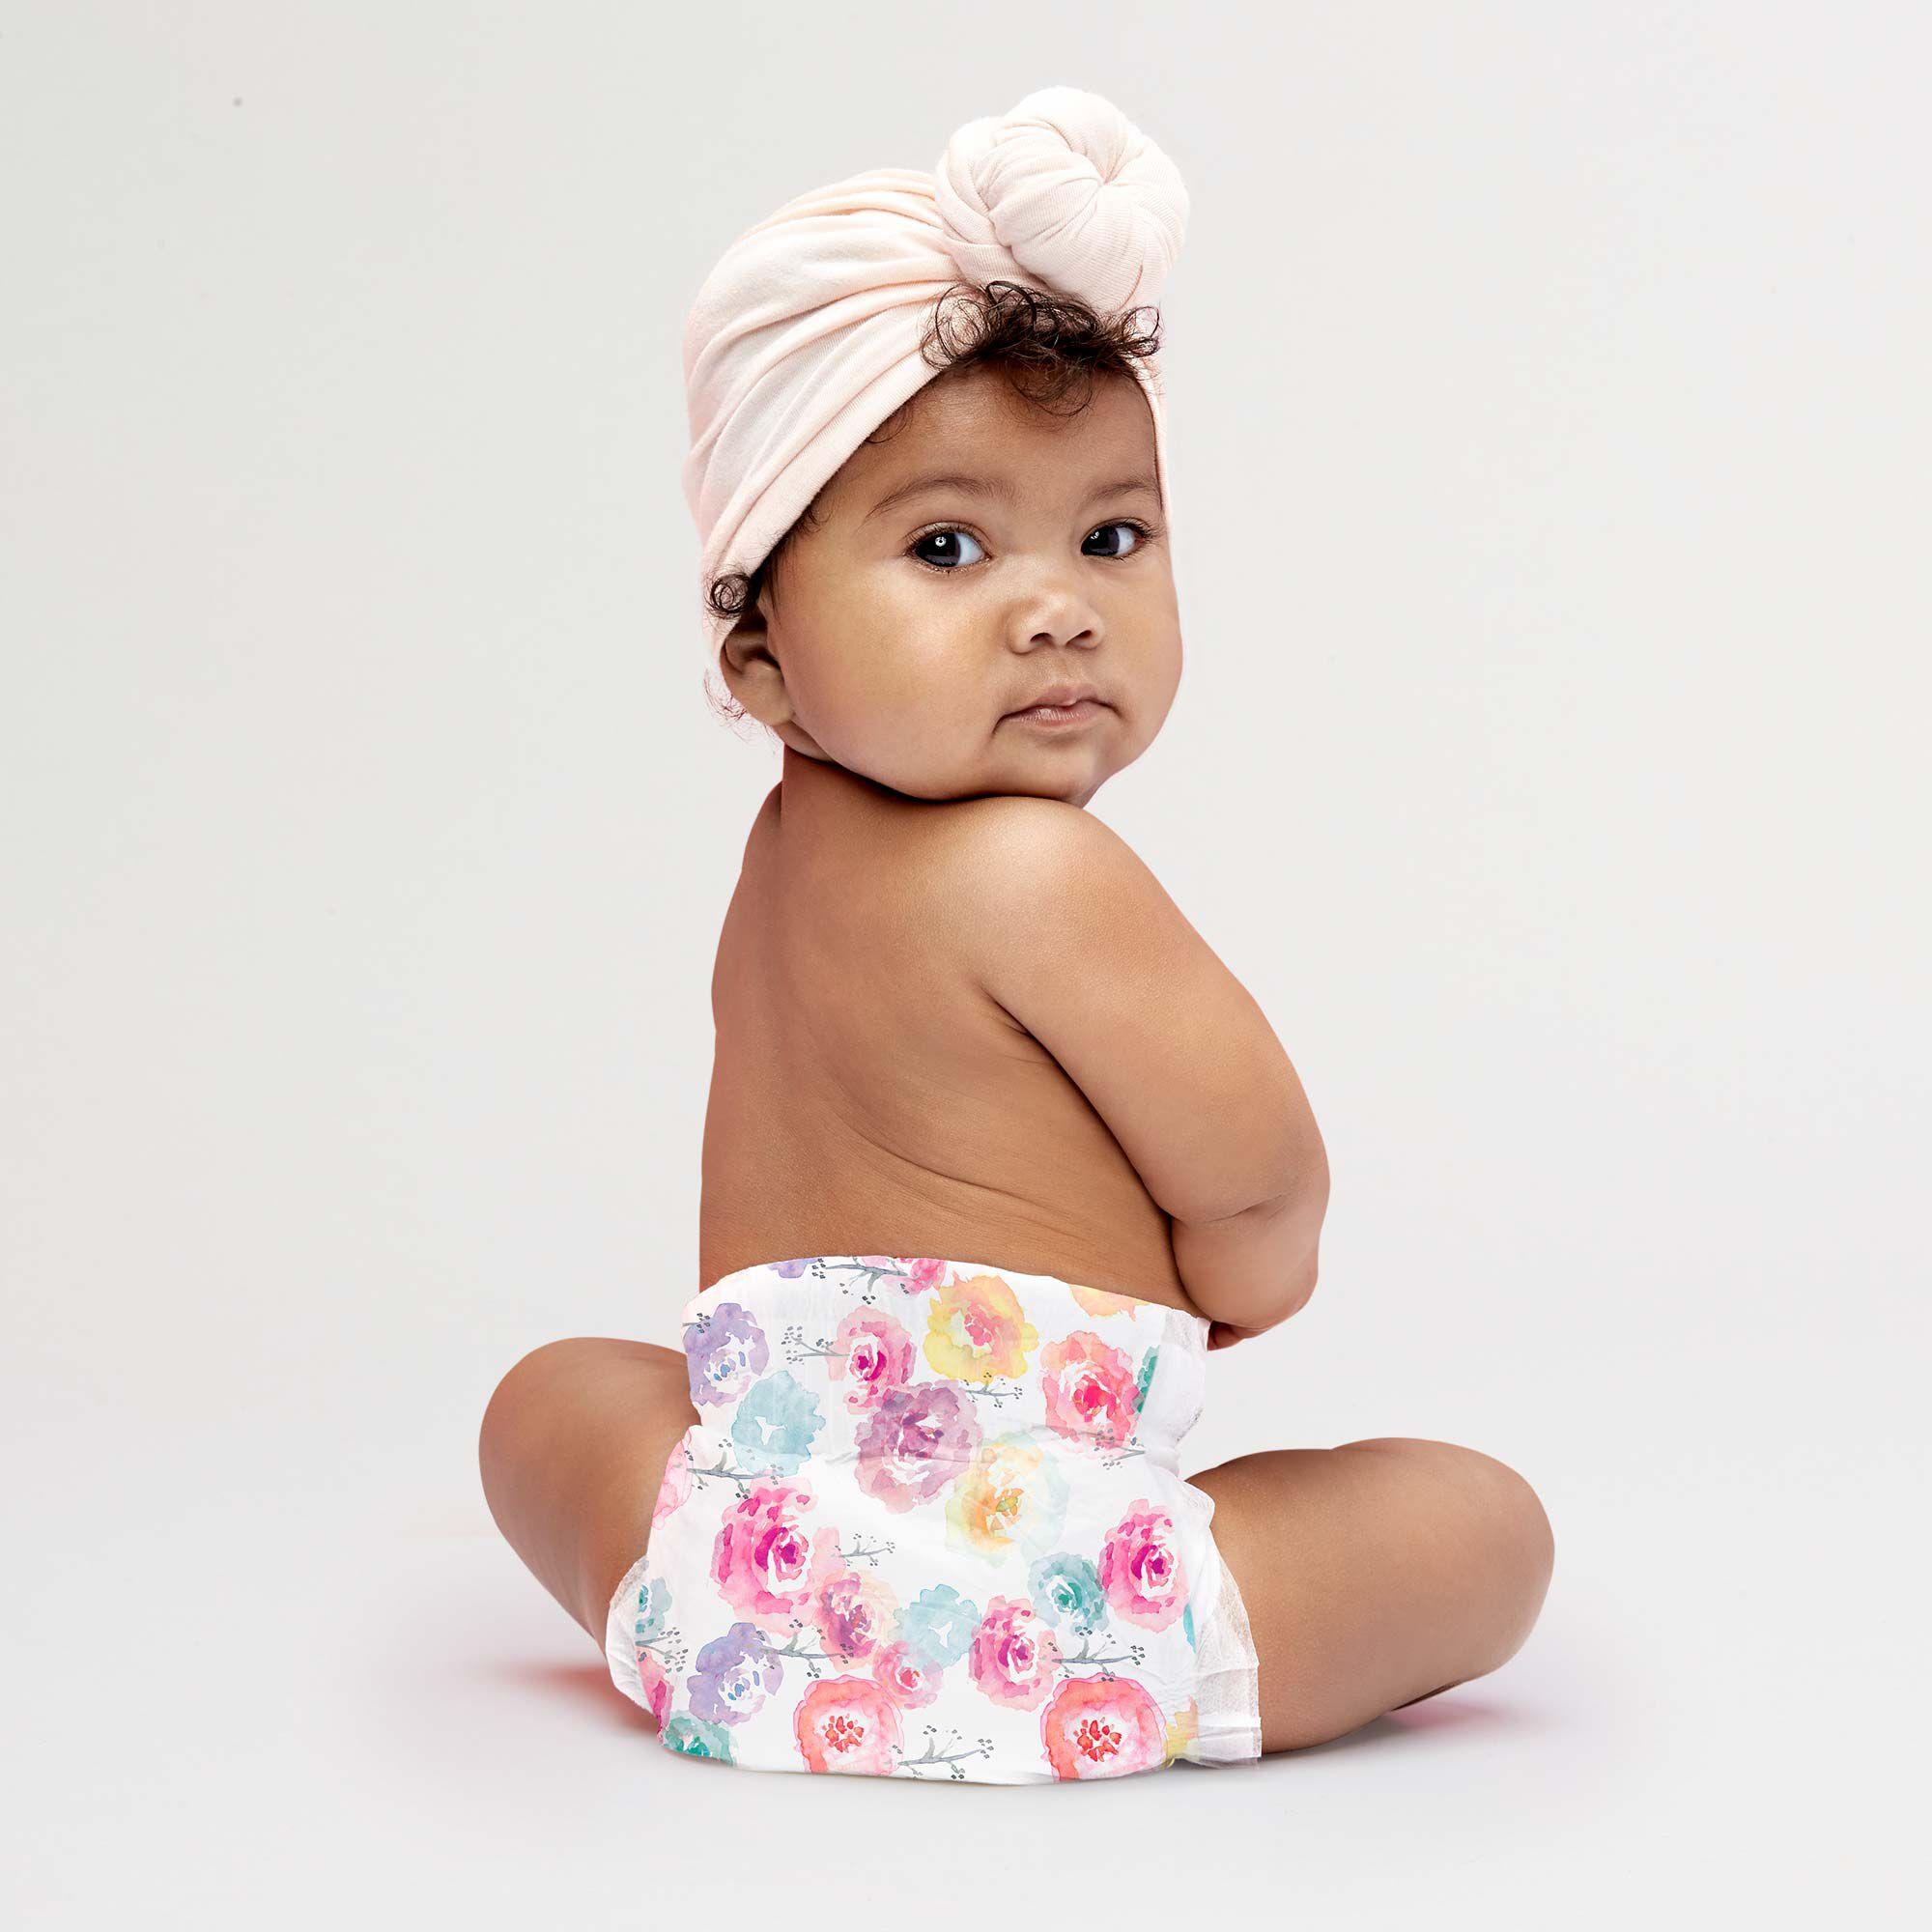 rose blossom diaper on baby